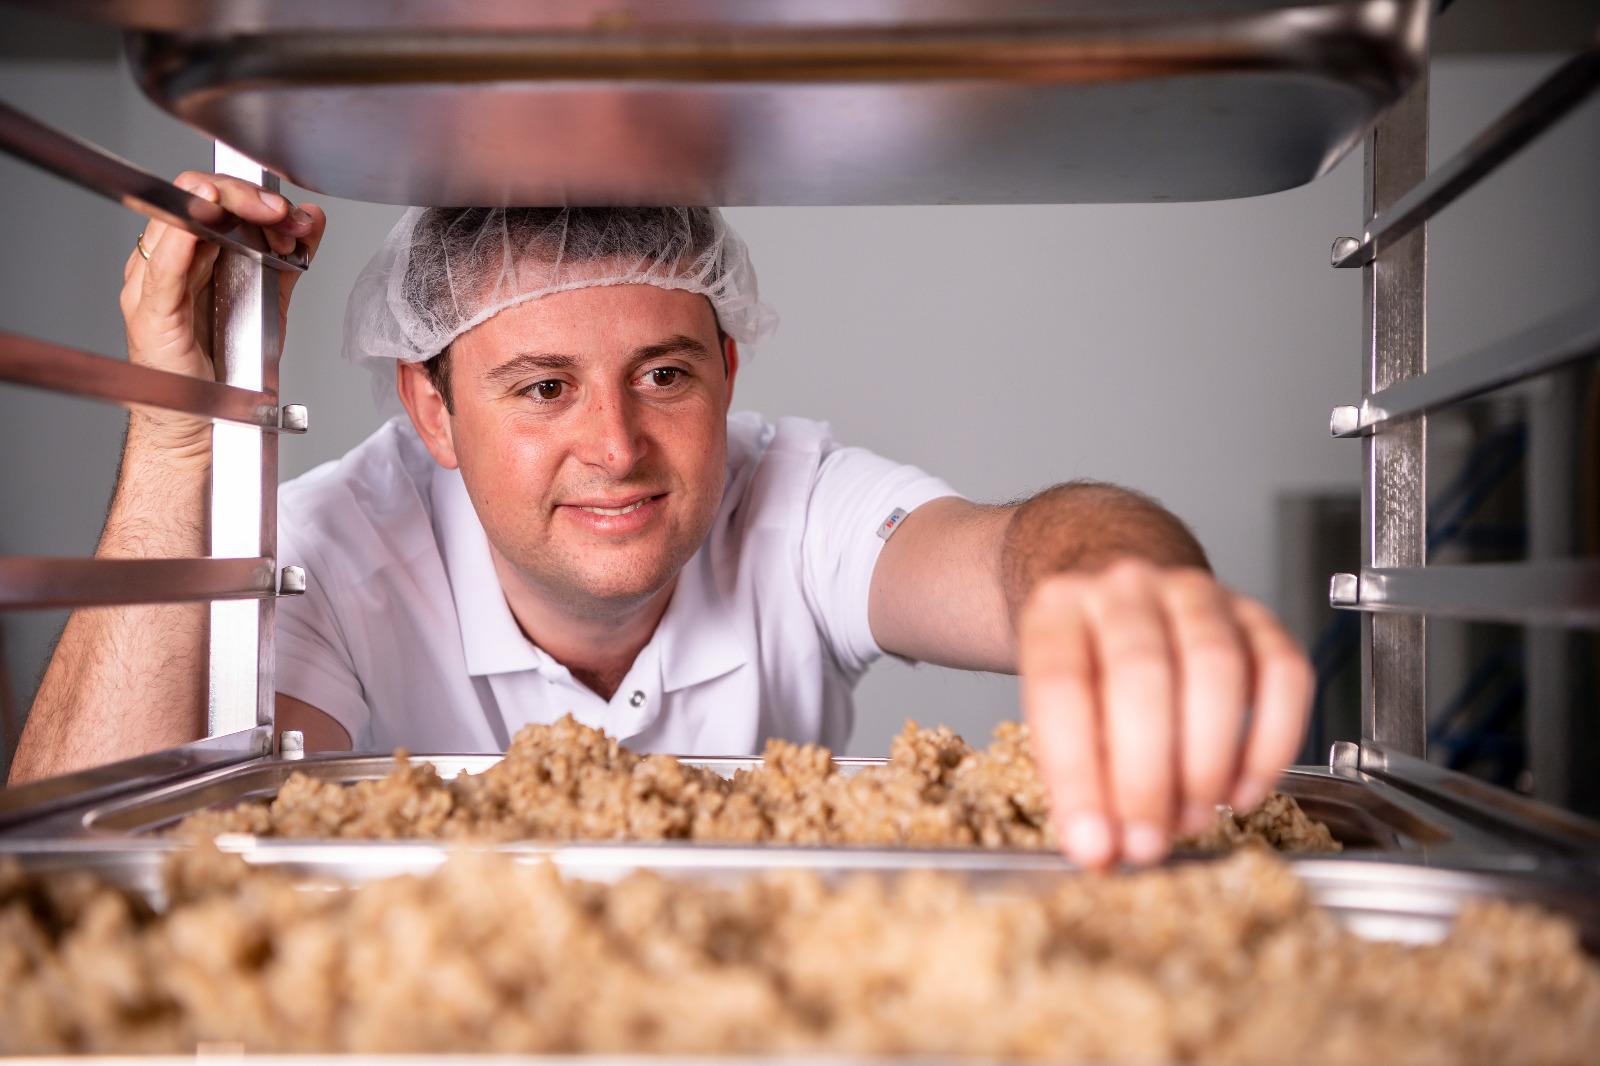 Mann in der Lebensmittelproduktion